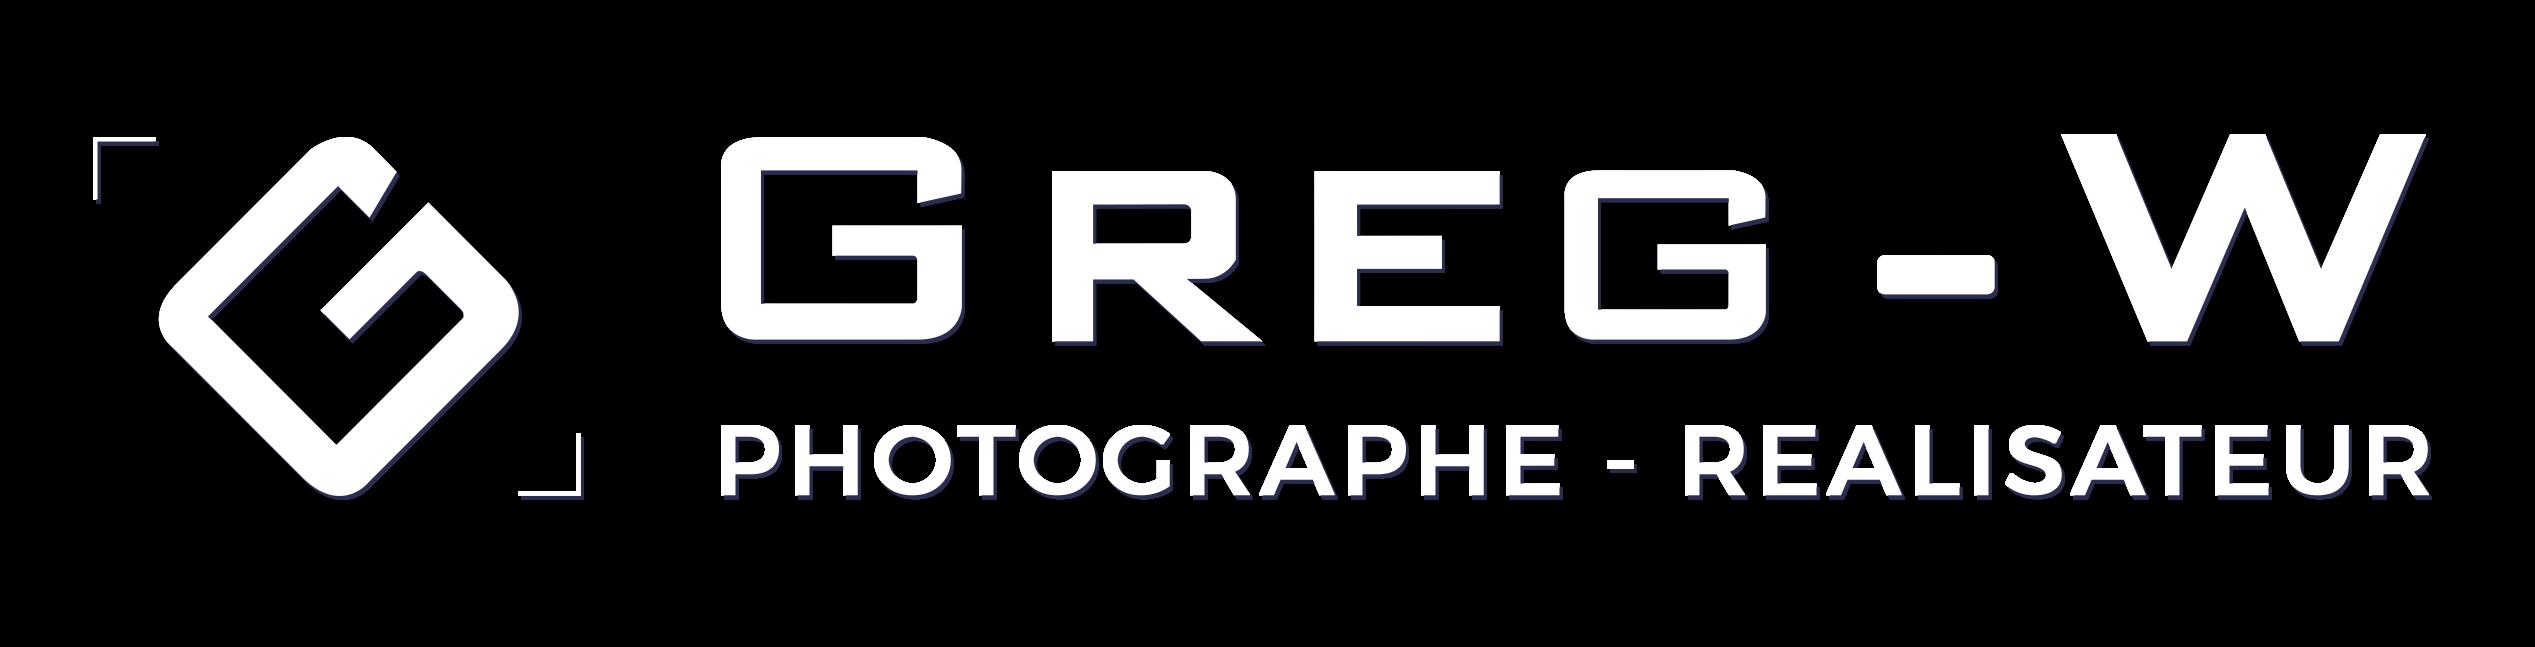 GREG-W